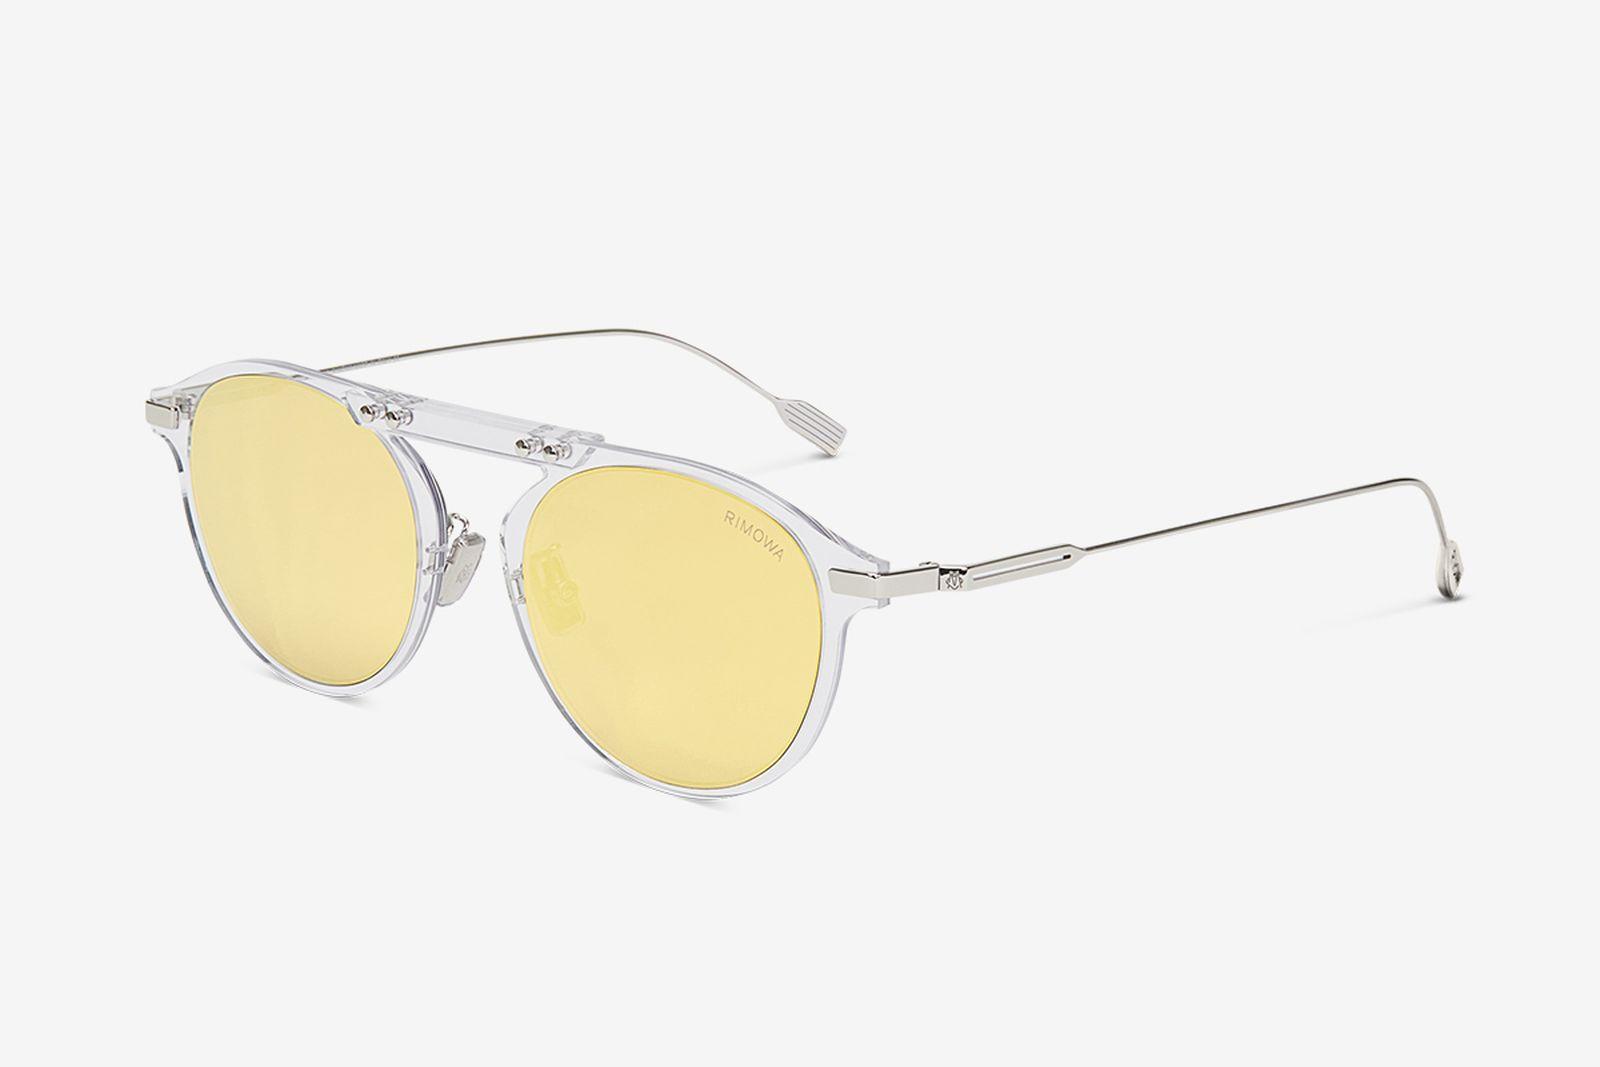 rimowa-eyewear-18